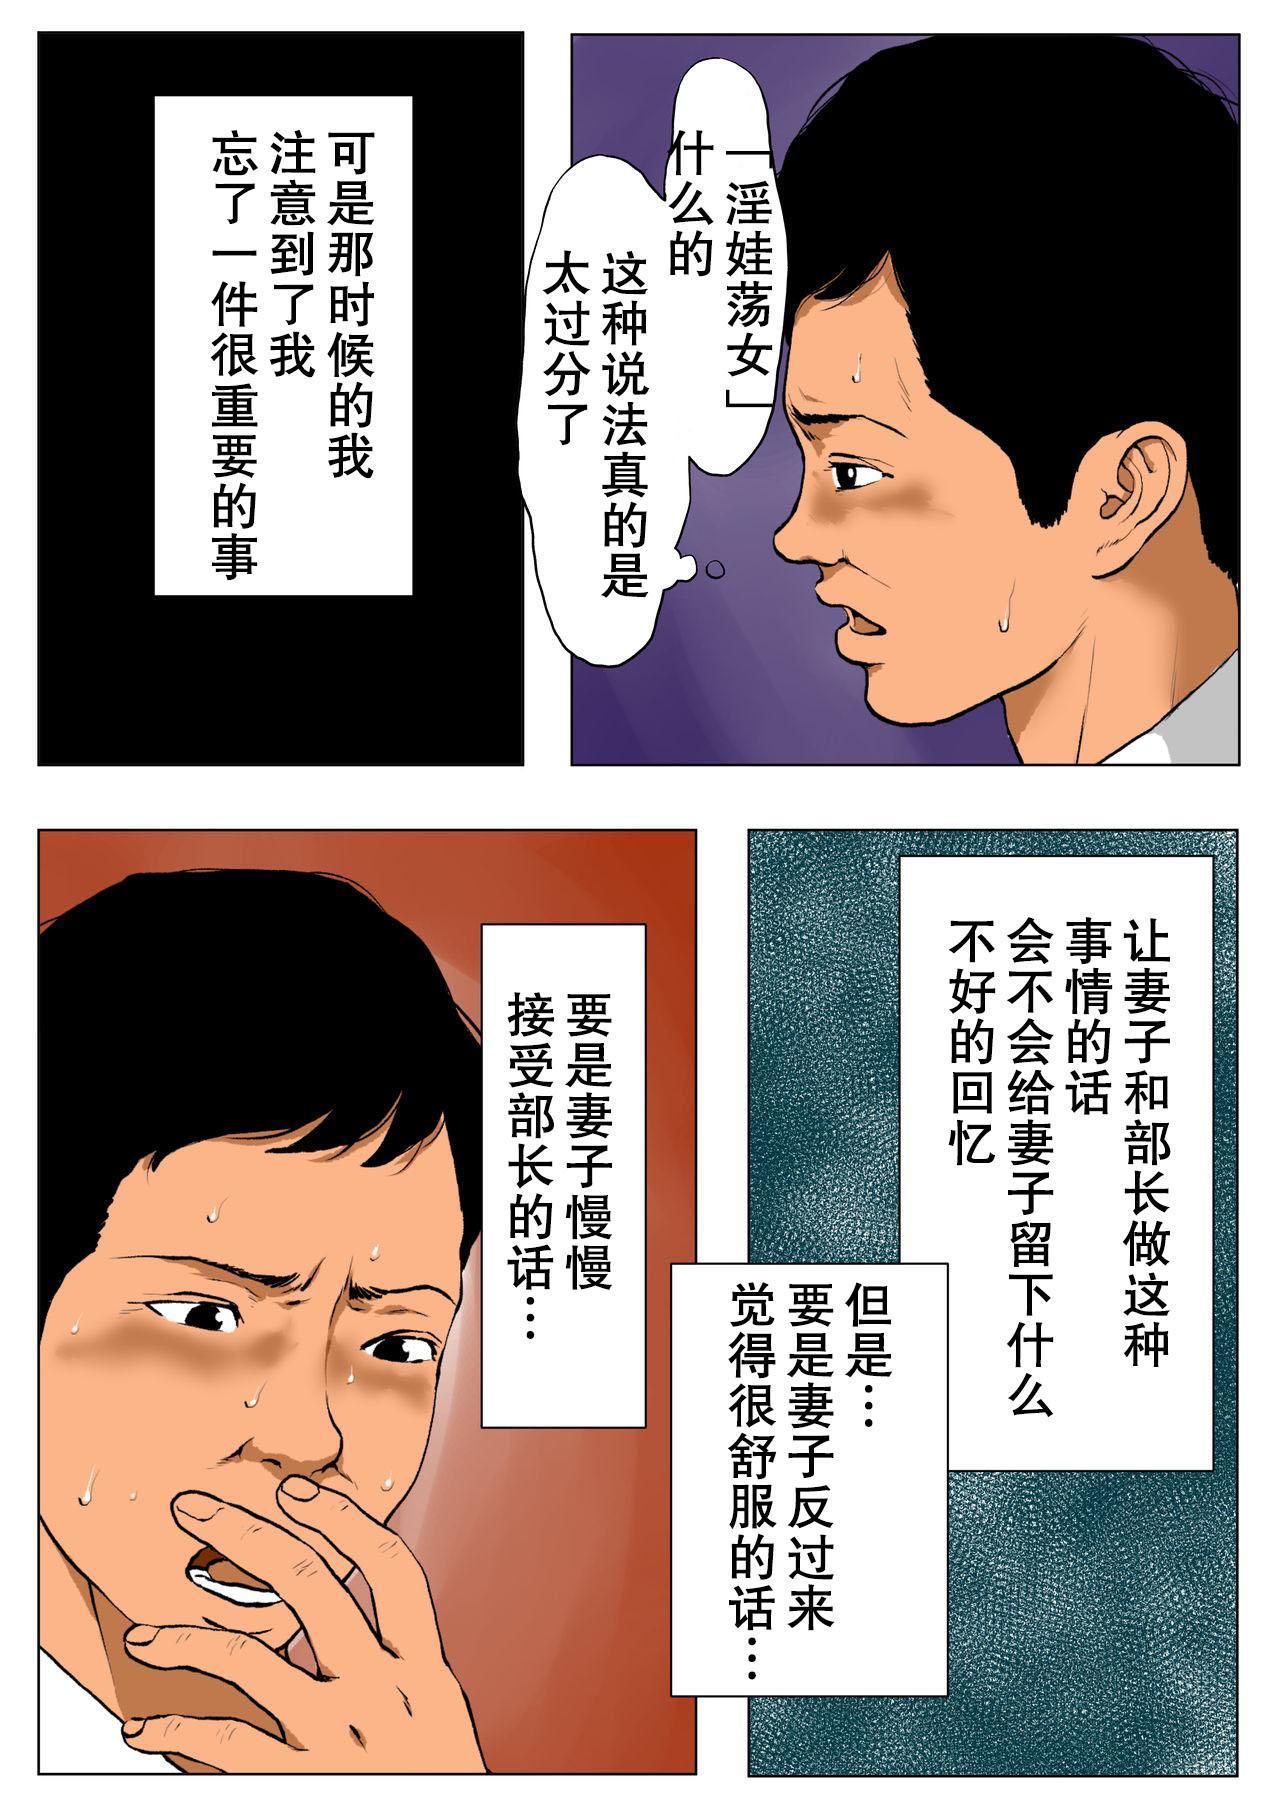 [W no Honnou] Shin, Boku no Tsuma to Kyokon no Moto AV Danyuu Buchou[Chinese]【不可视汉化】 26